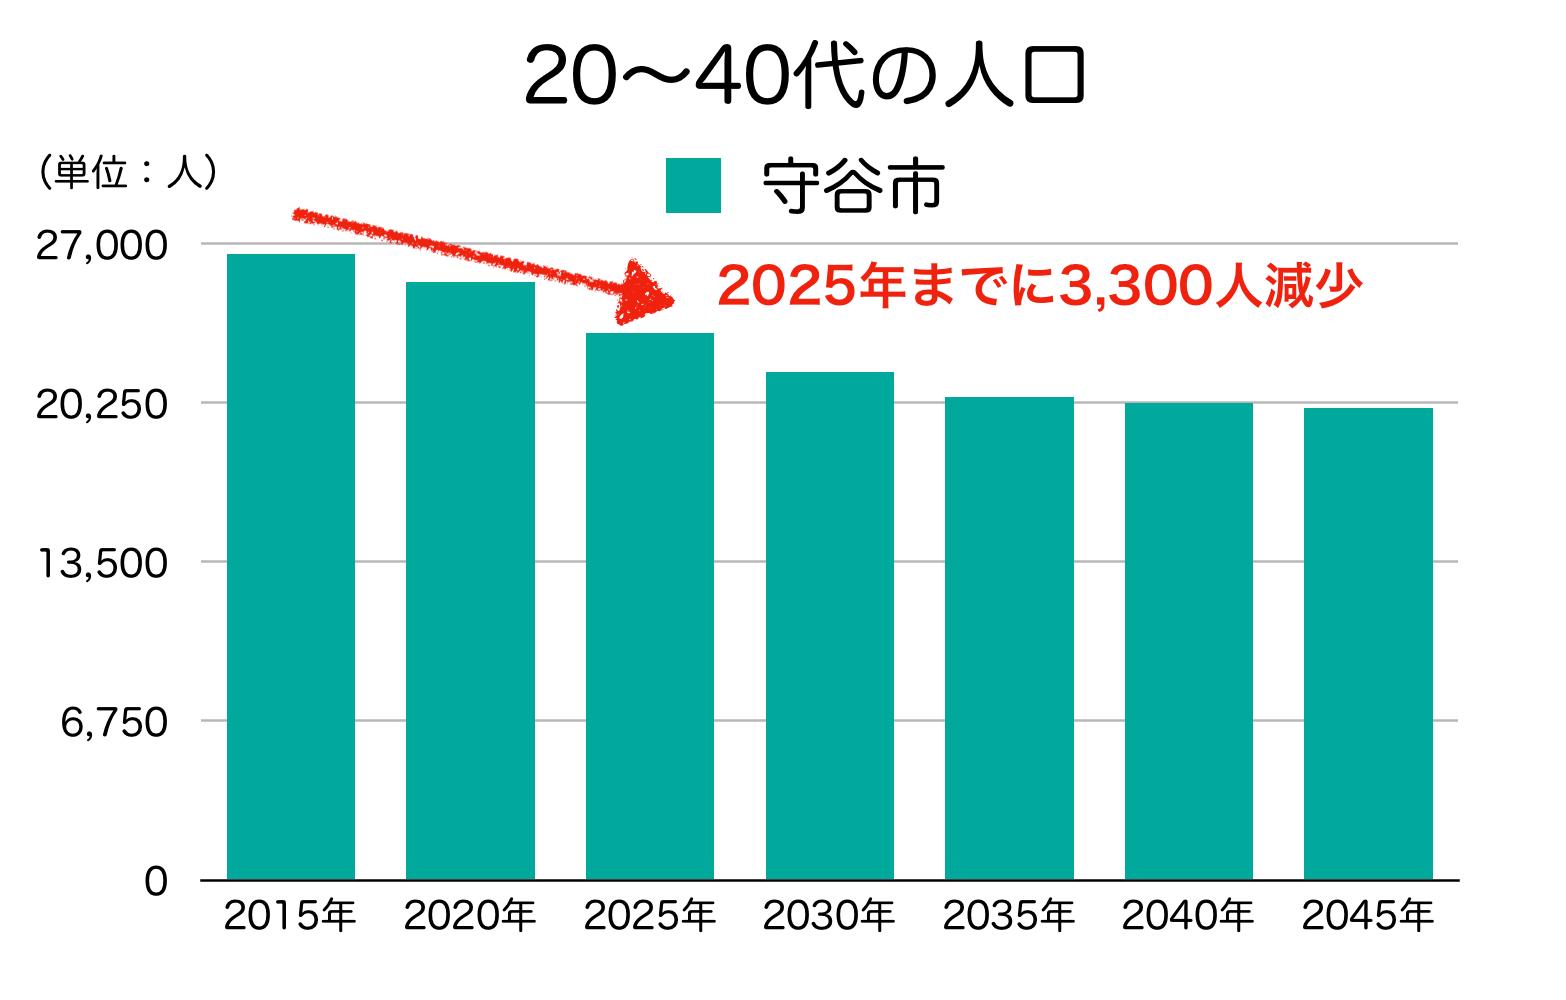 守谷市の20〜40代人口の予測